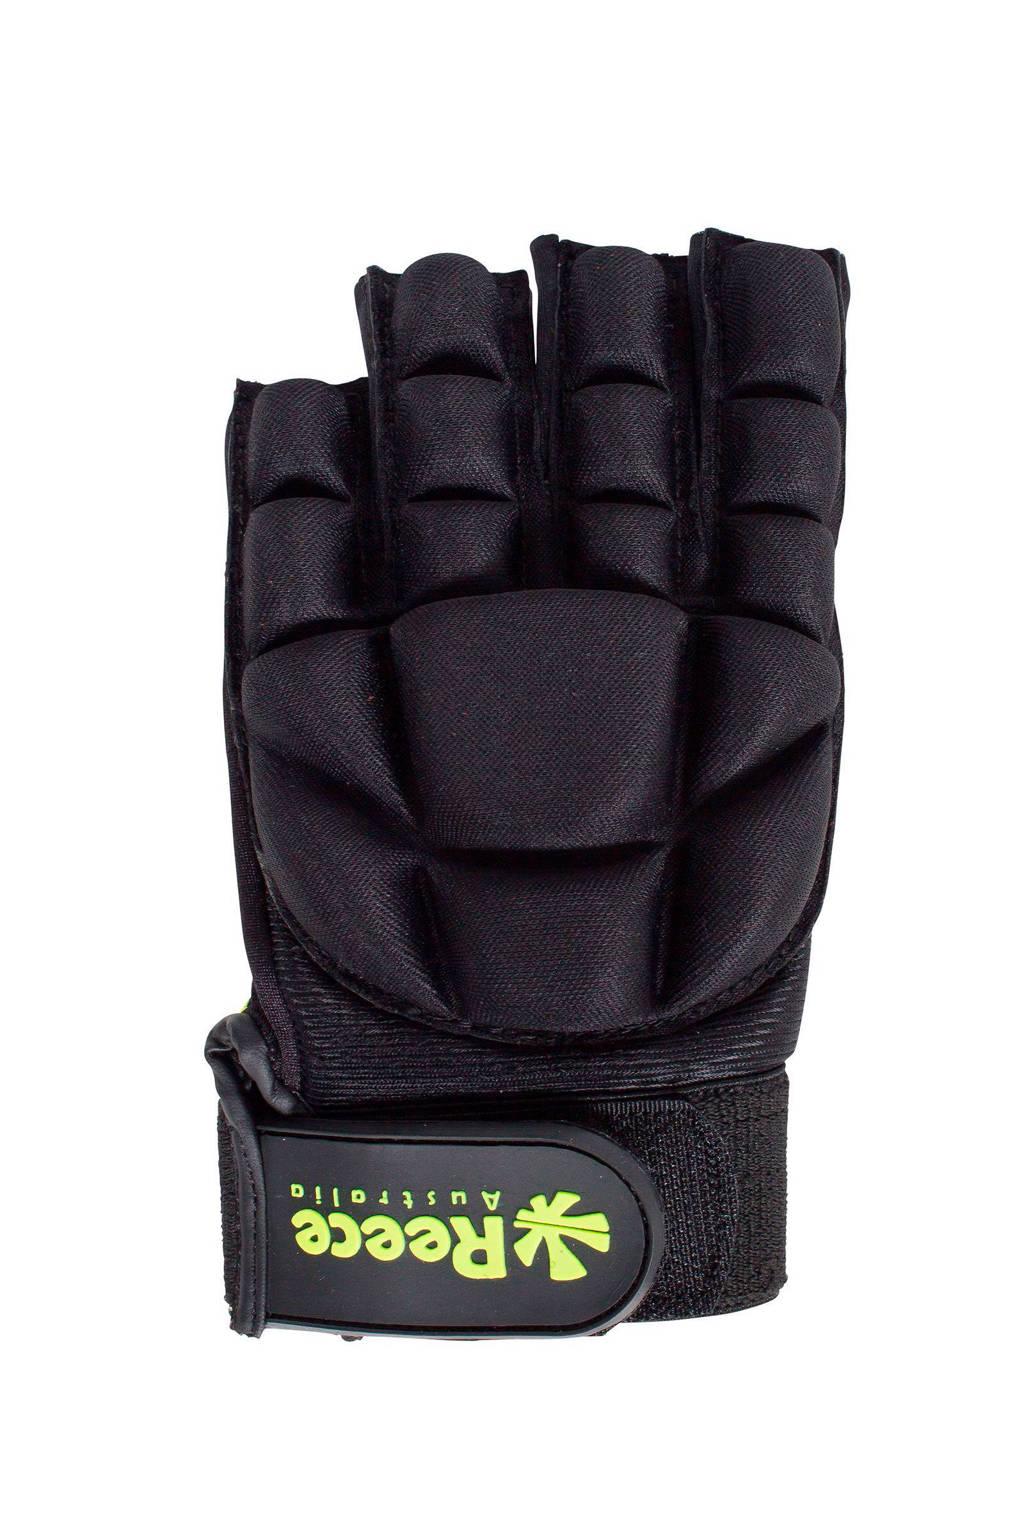 Reece Australia   hockeyhandschoen zwart, Zwart